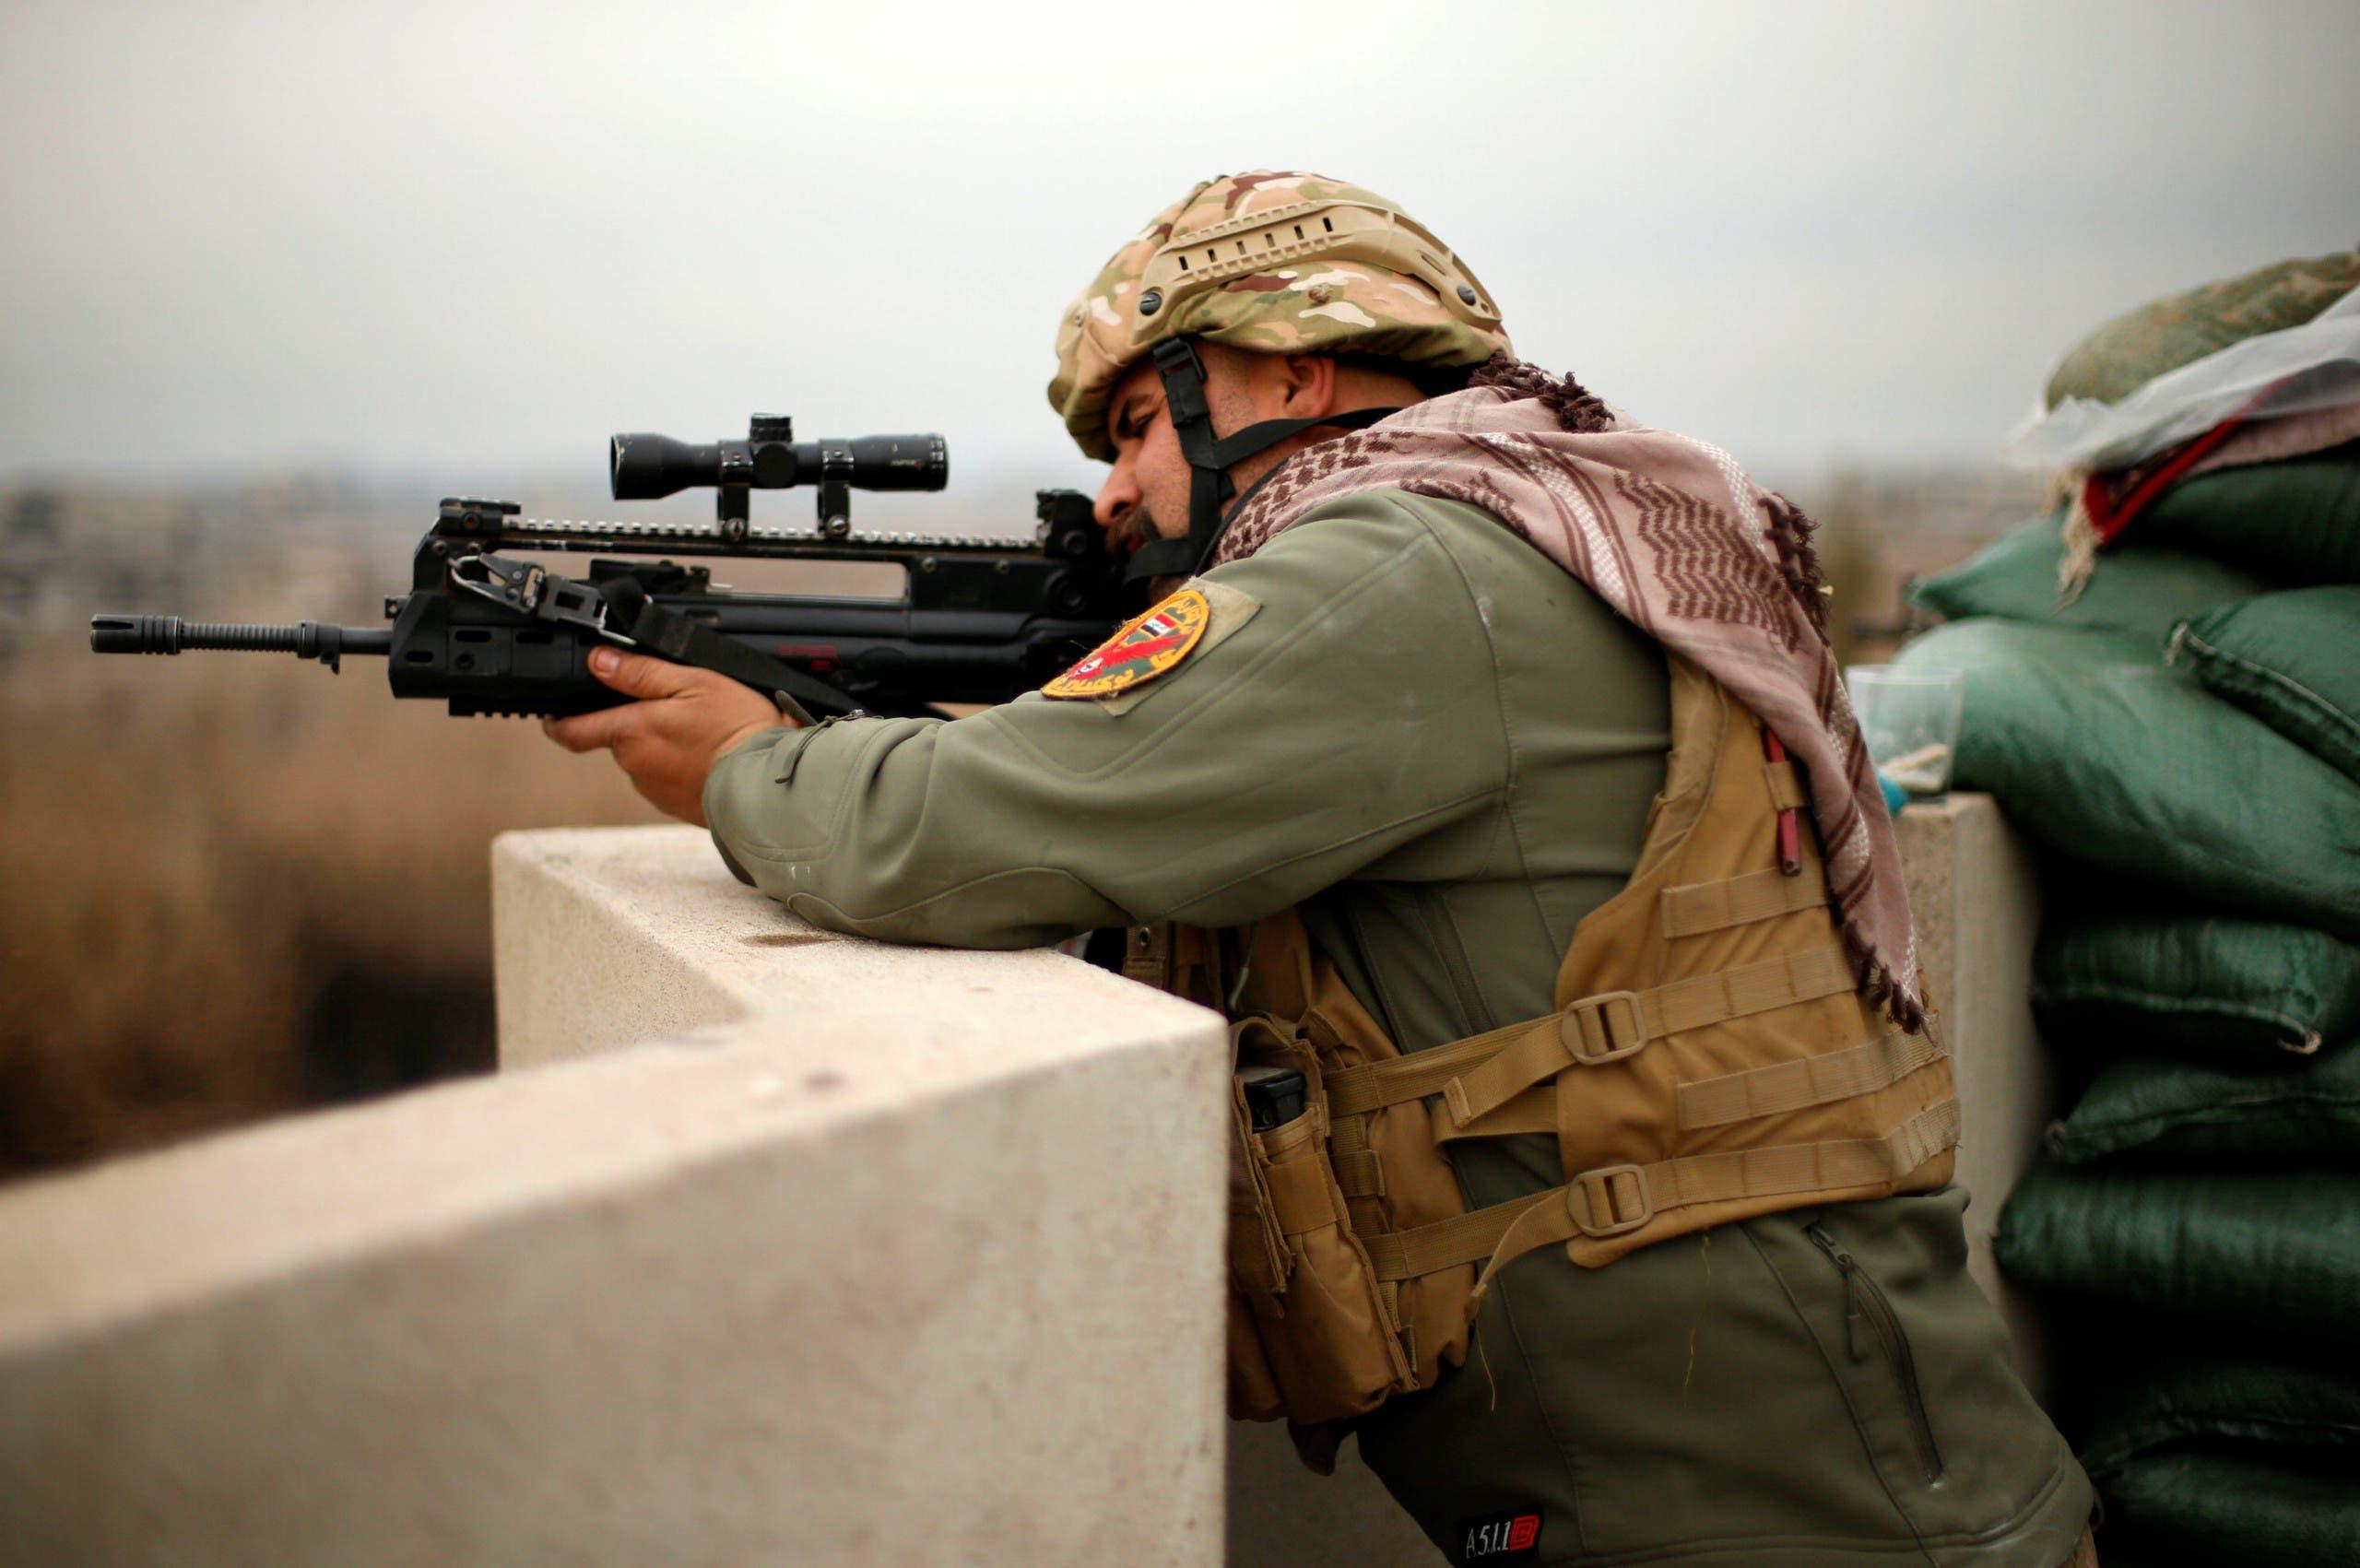 جندي عراقي يطلق النار على عناصر داعش بالموصل